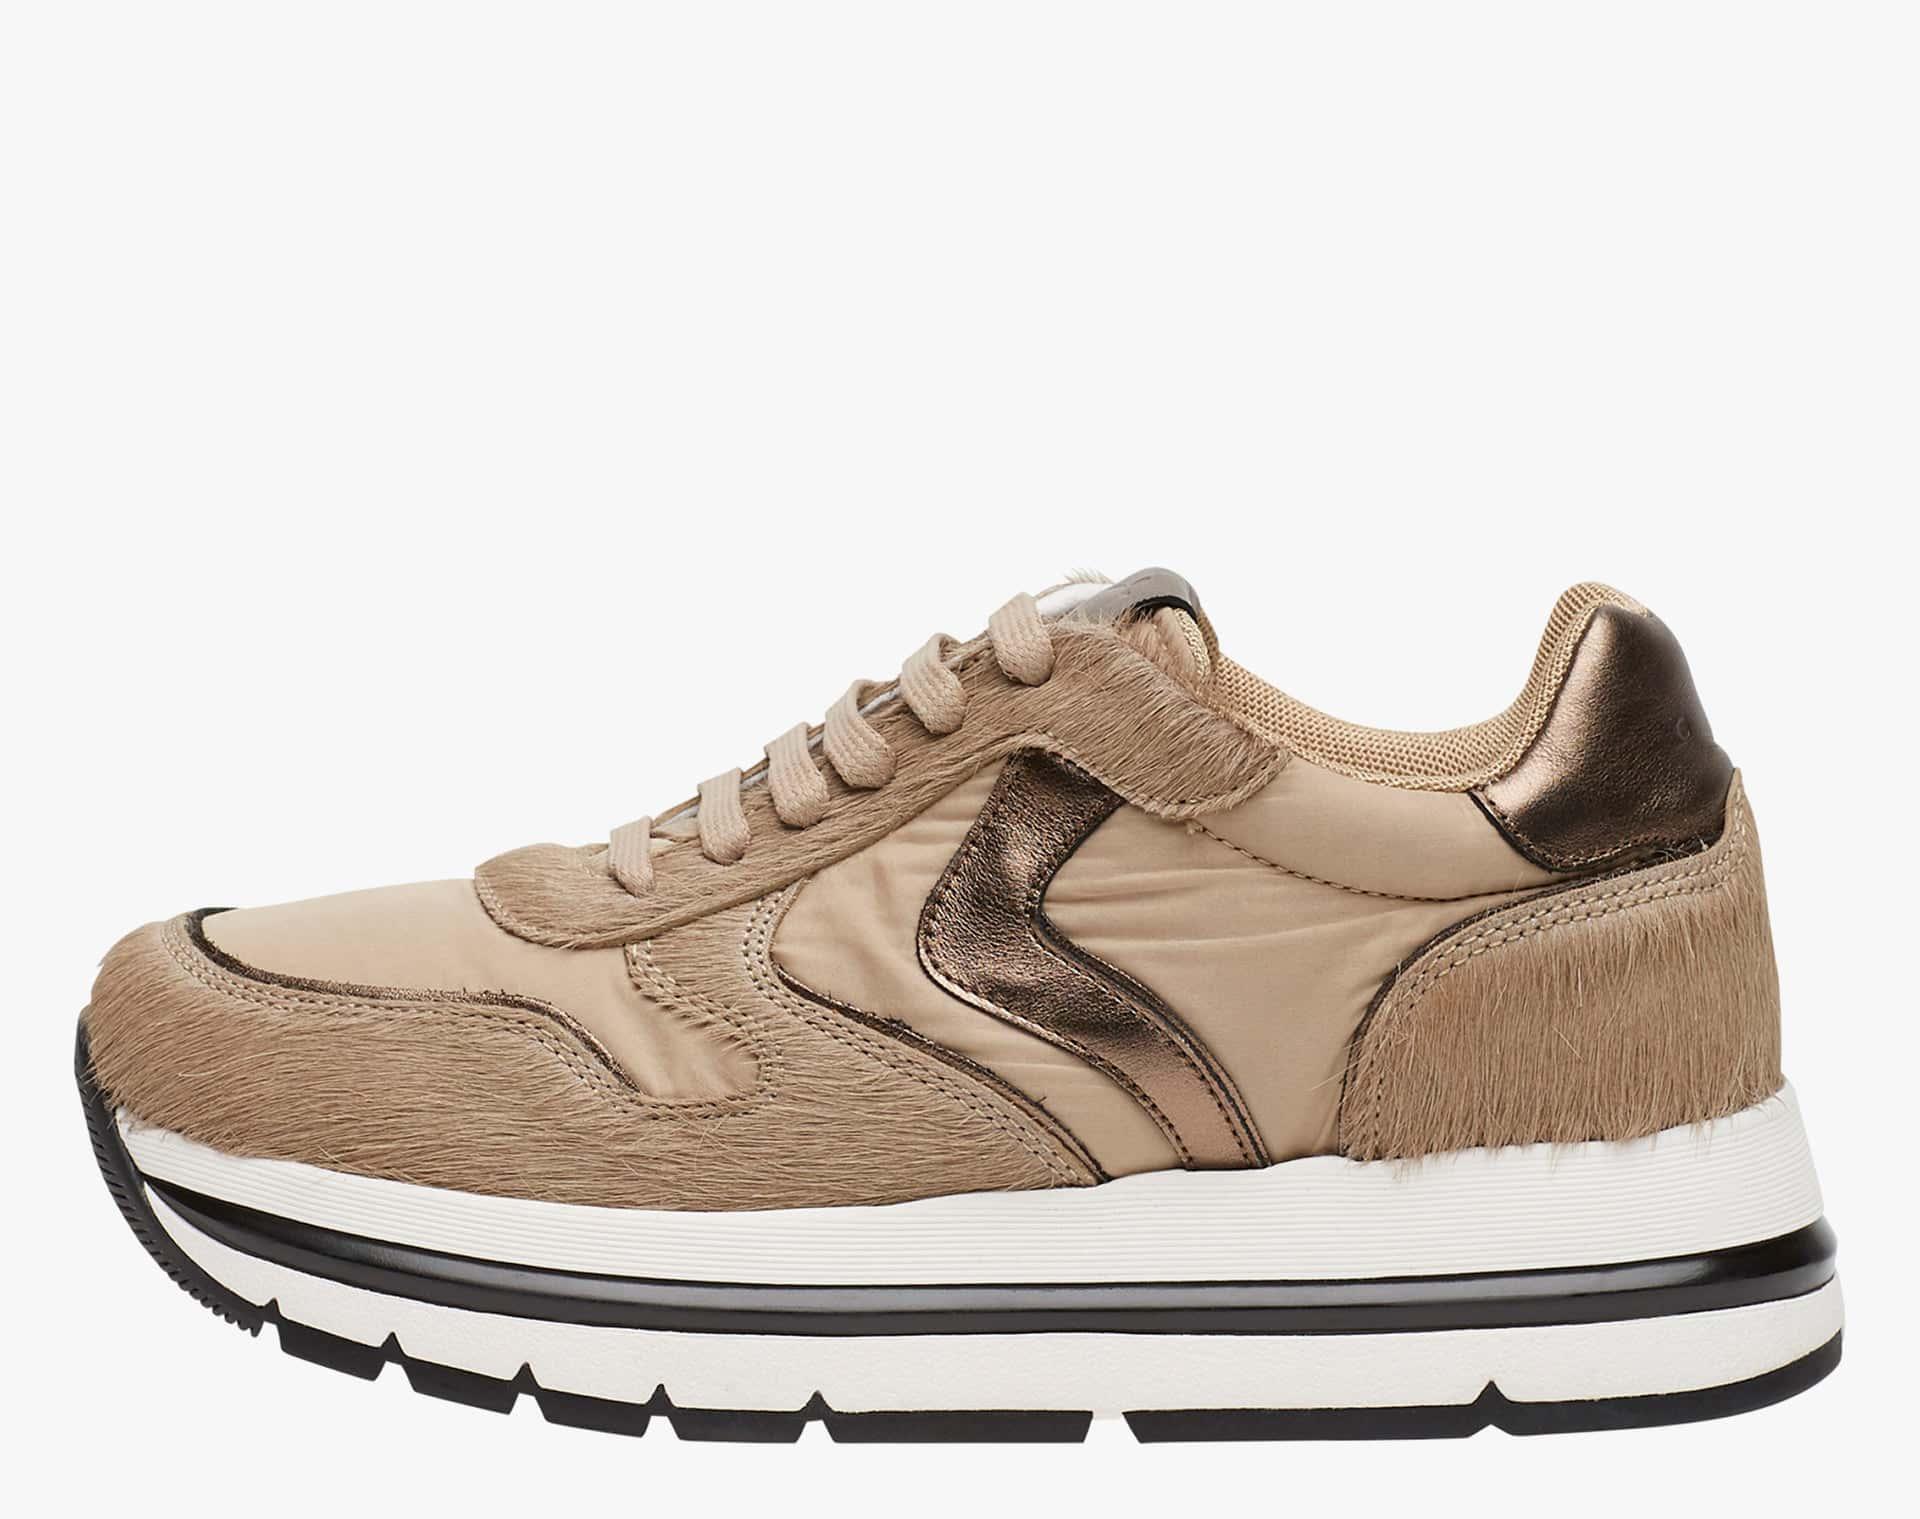 APRILLE - Sneakers in pelle e laminato - Bronzo